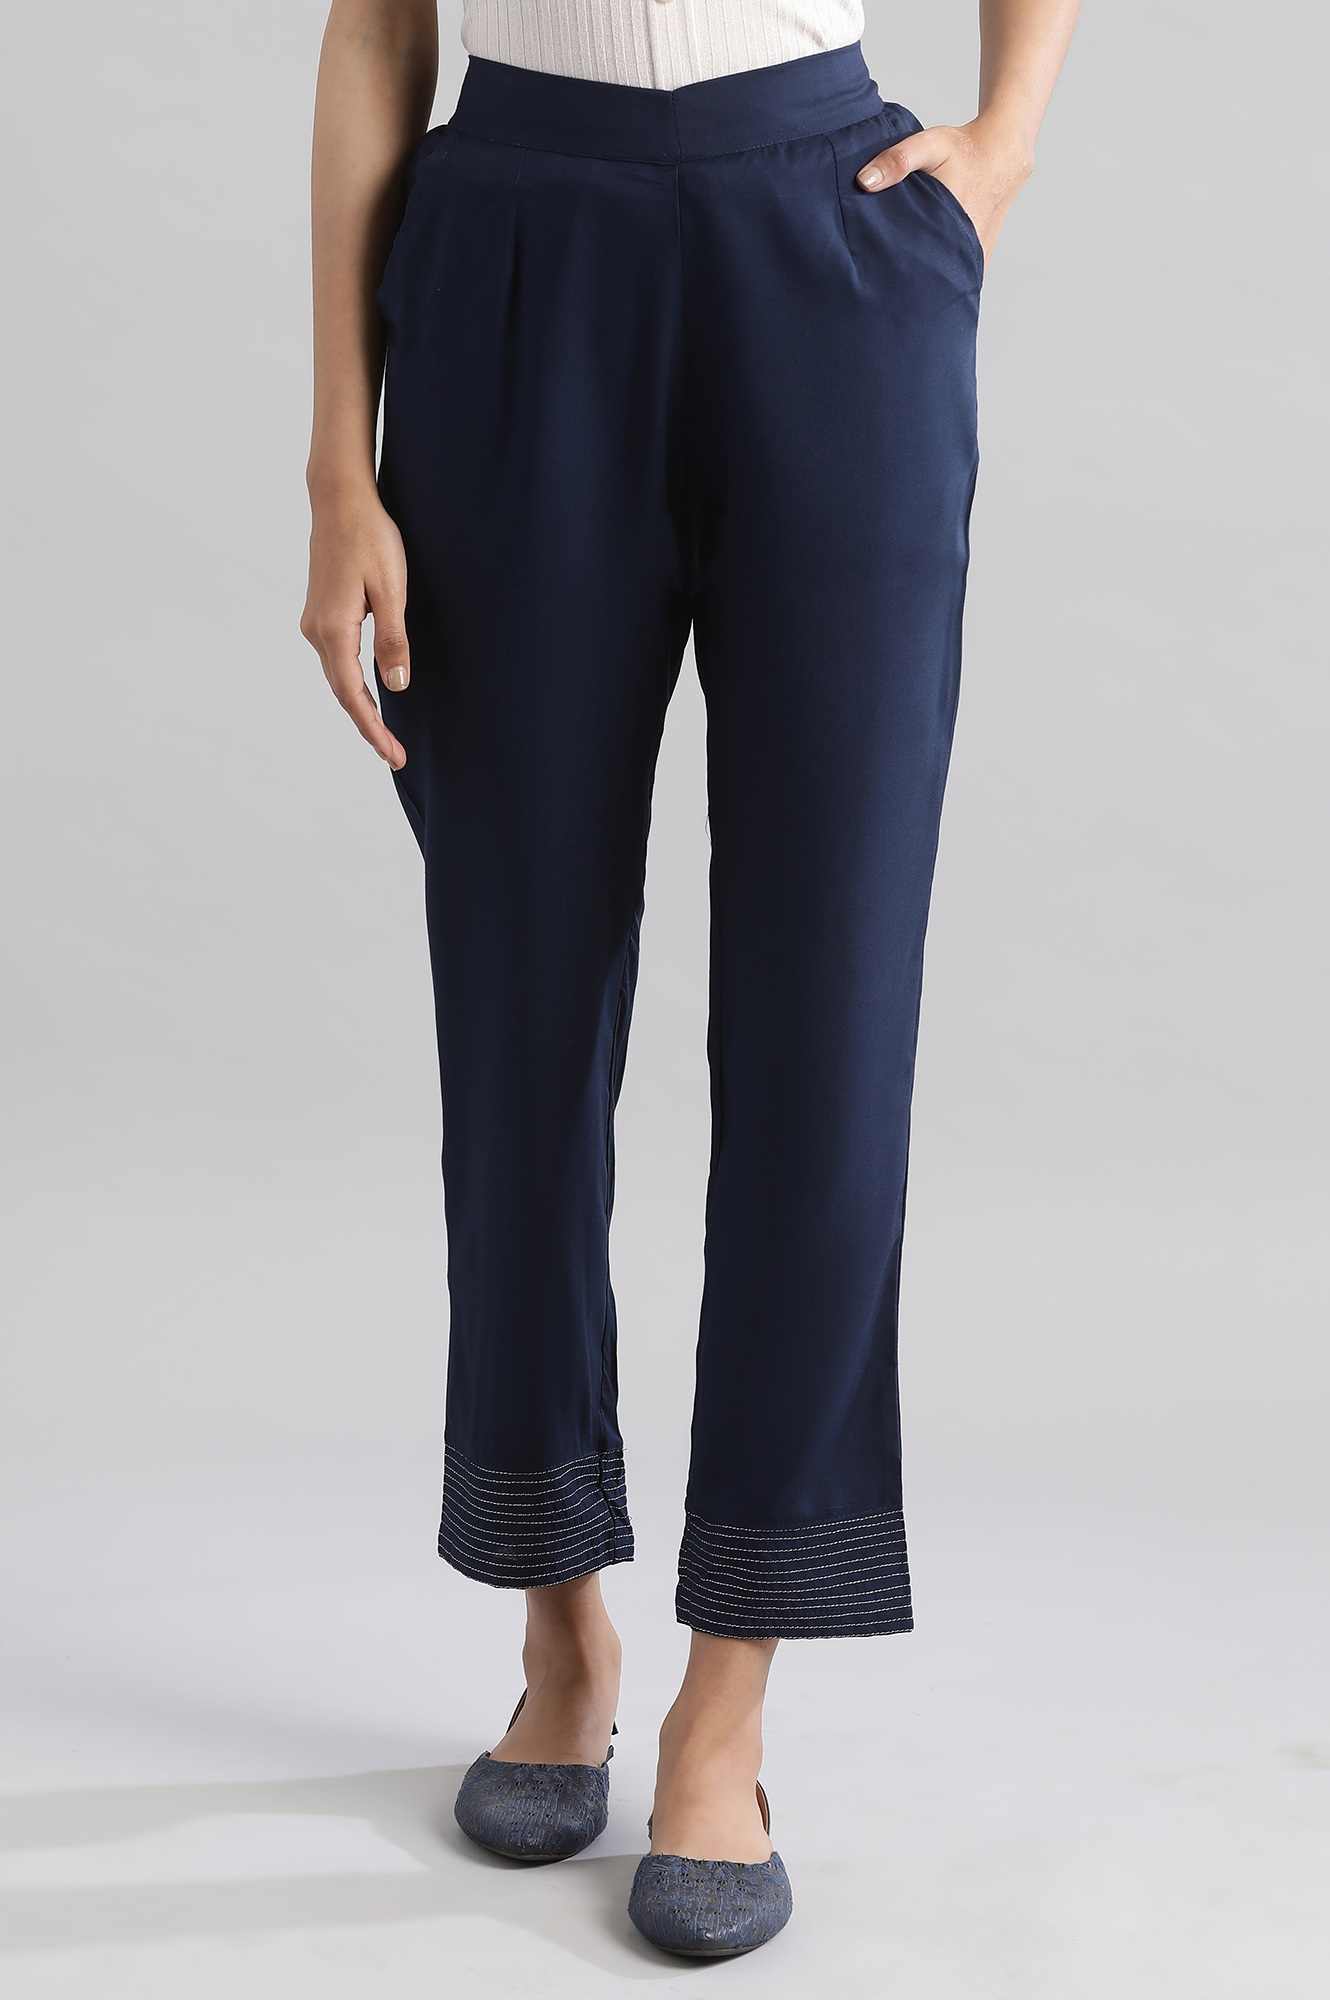 Aurelia   Navy Printed Pants